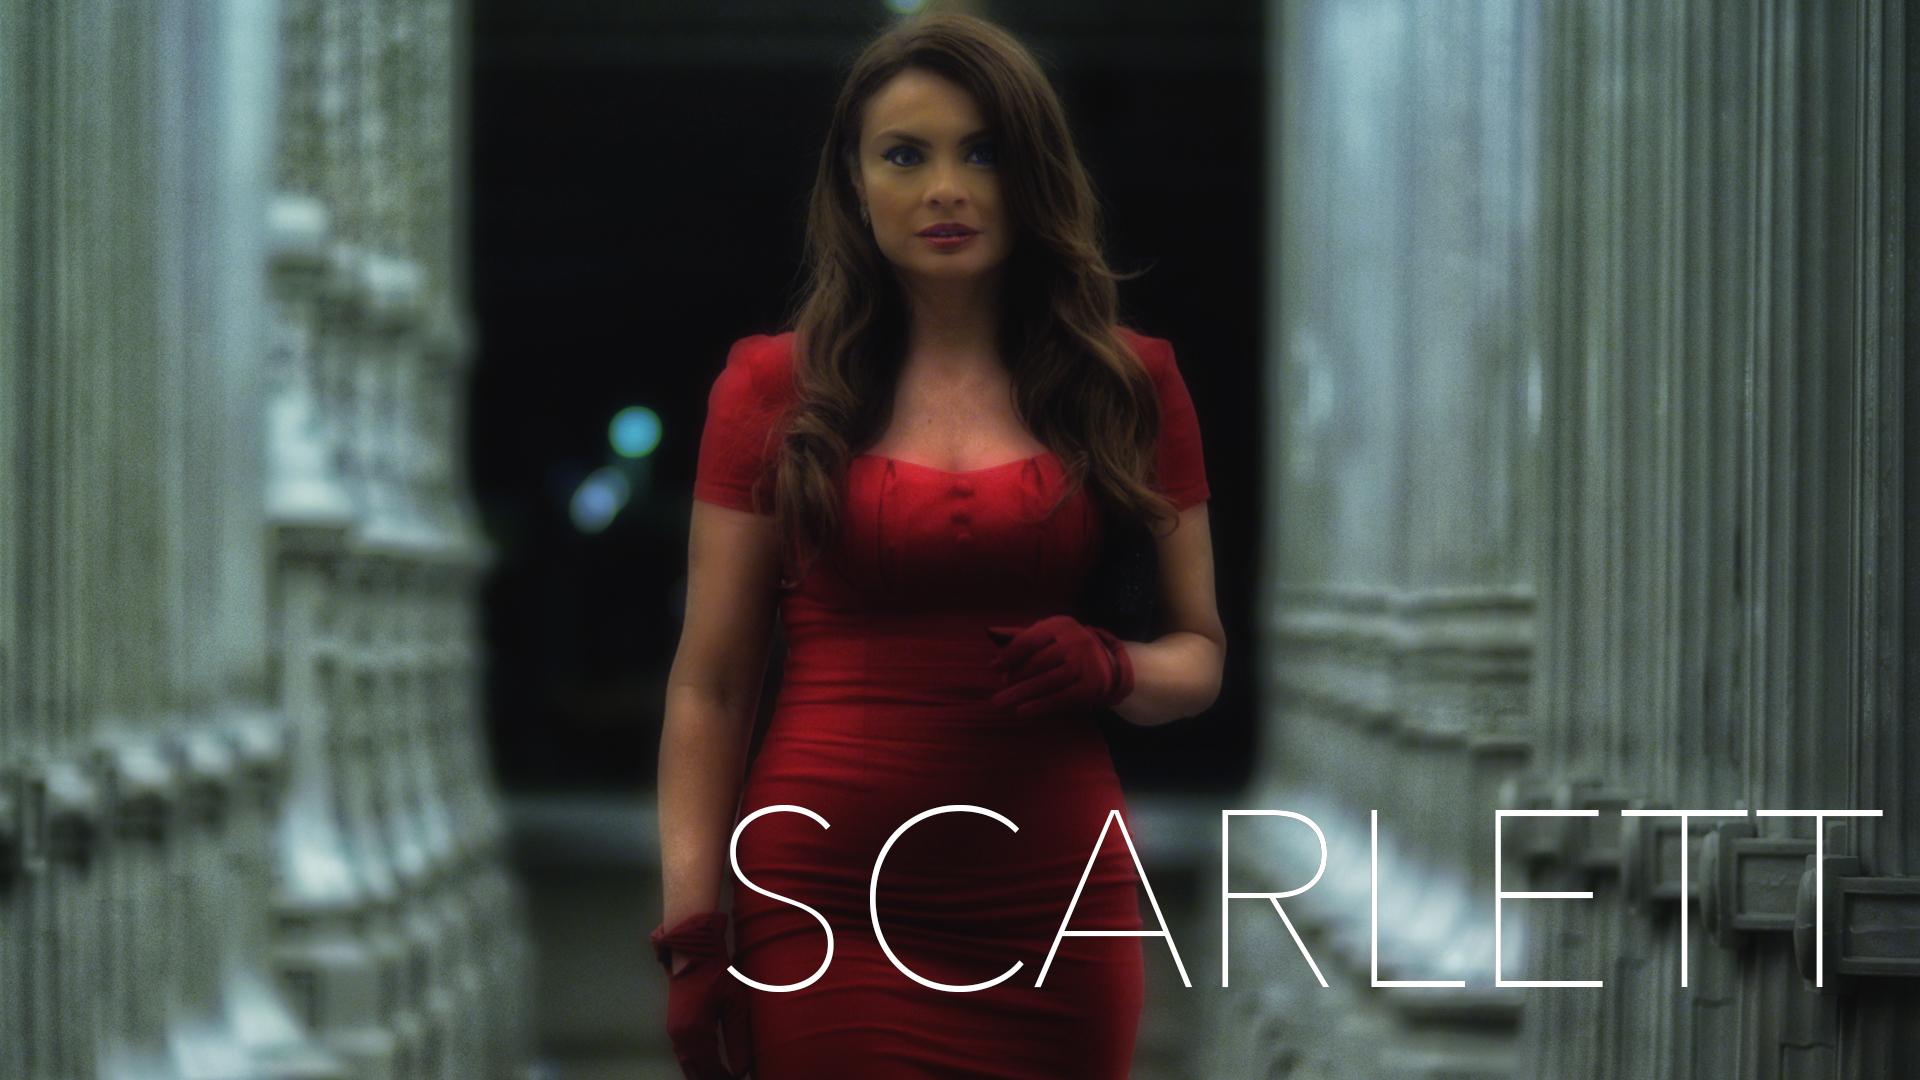 Scarlett_poster.jpg